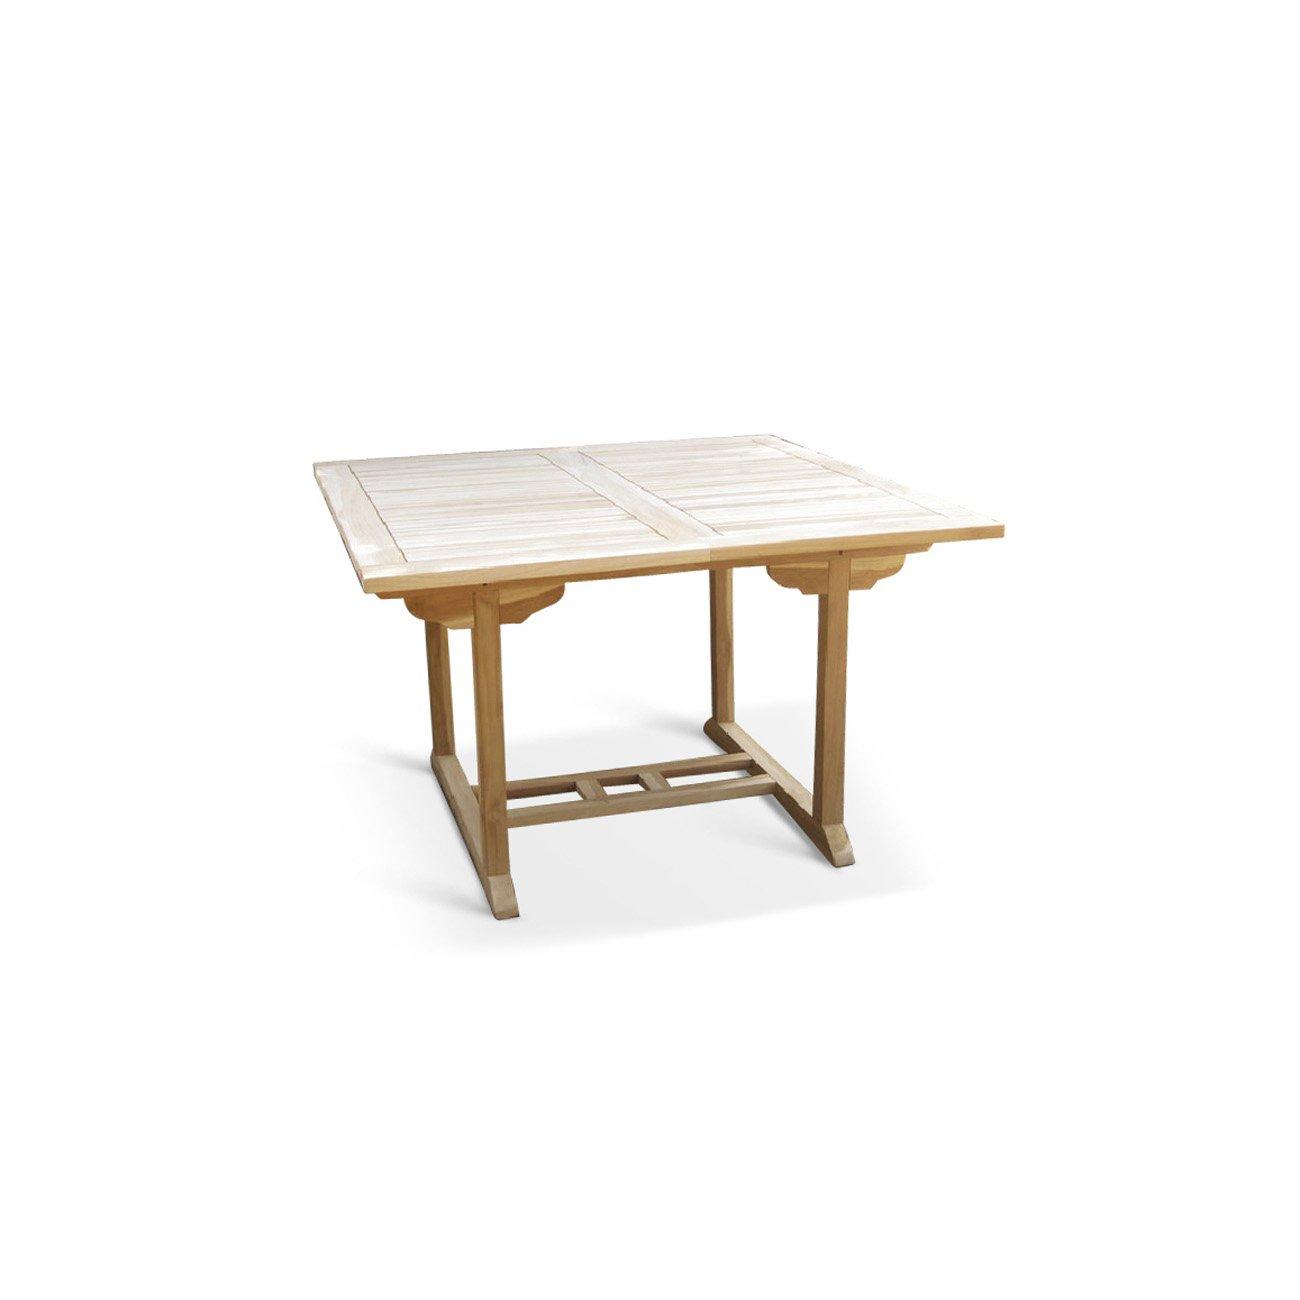 SAM® Teak-Holz Gartentisch, Balkontisch Madera, 120 - 170 x 120 cm, massiver, ausziehbarer Holztisch, ideal für Ihren Balkon oder Garten